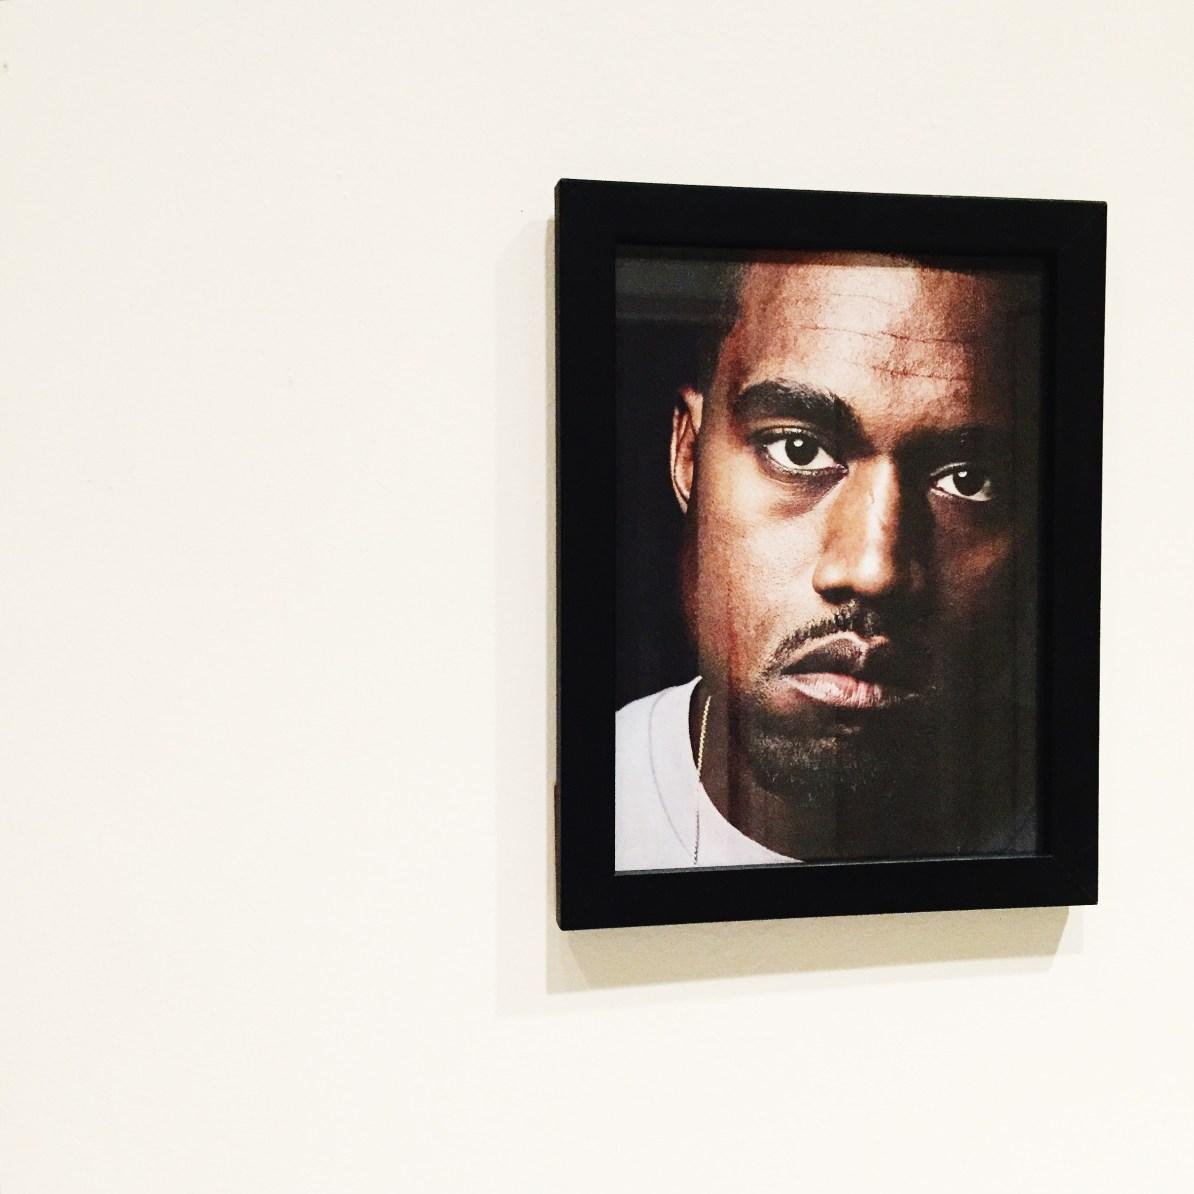 Kanye West på veggen, Carina Behrens, carinabehrens.com